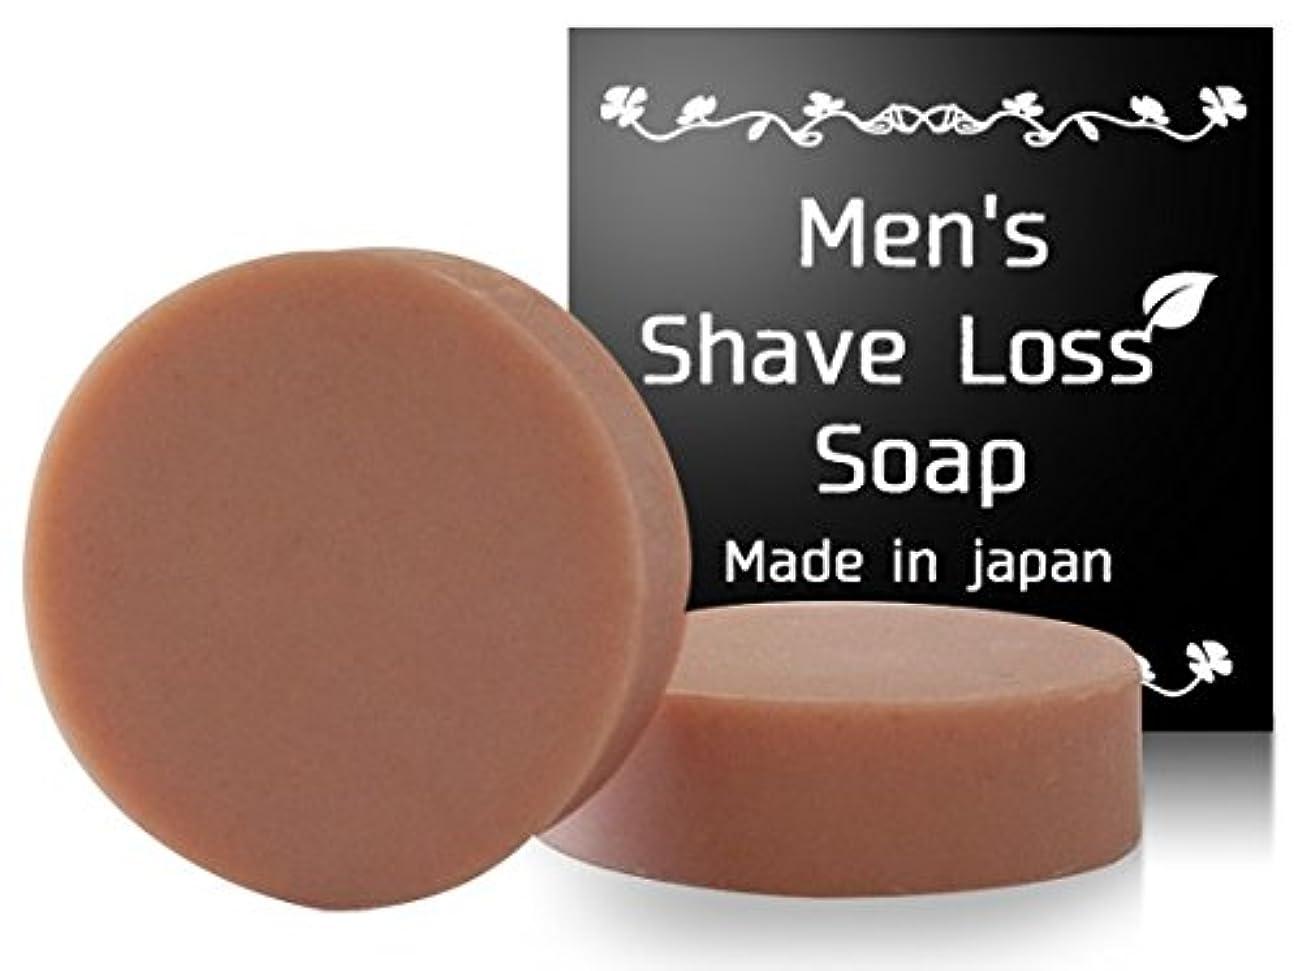 しないカリング実験をするMens Shave Loss Soap シェーブロス 剛毛は嫌!ツルツル過ぎも嫌! そんな夢を叶えた奇跡の石鹸! 【男性専用】(1個)